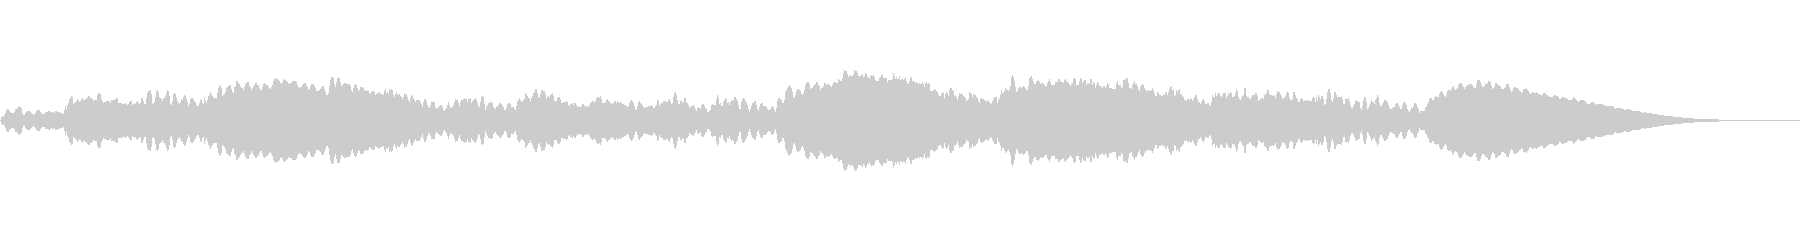 不気味な不協和音BGMの未再生の波形